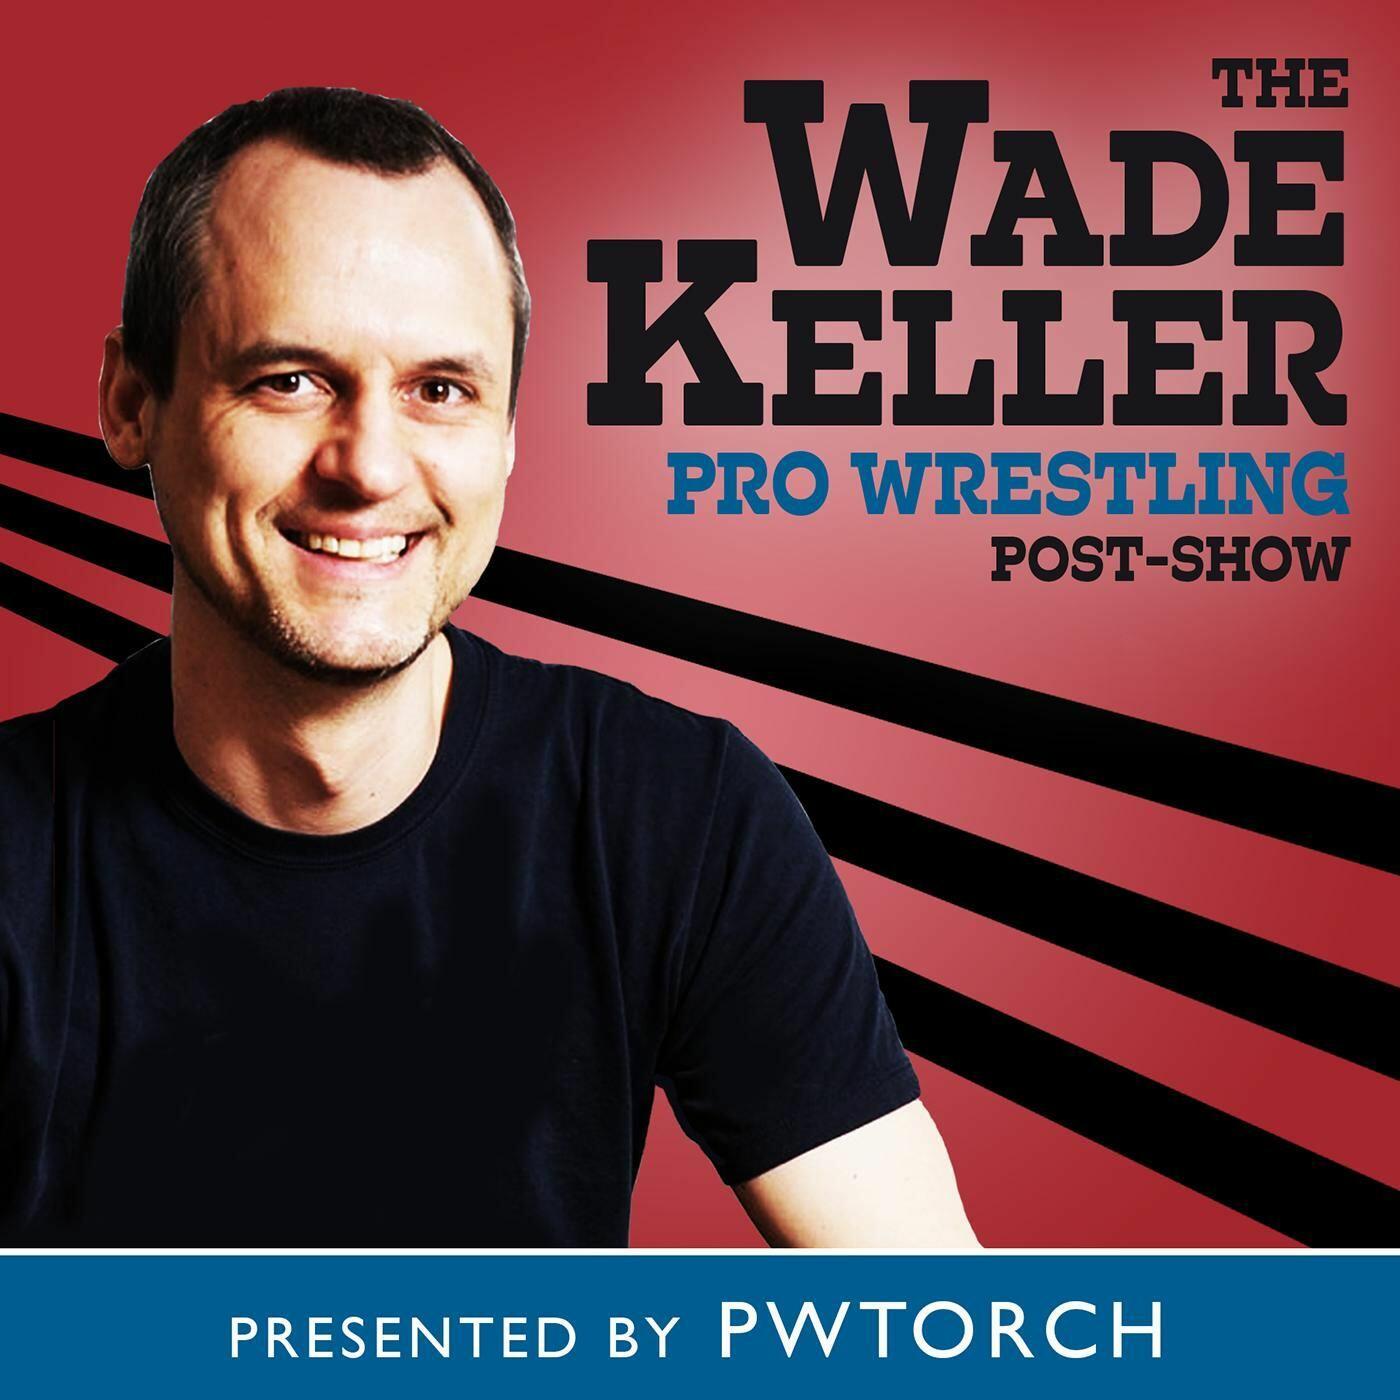 Wade Keller Pro Wrestling Post-shows